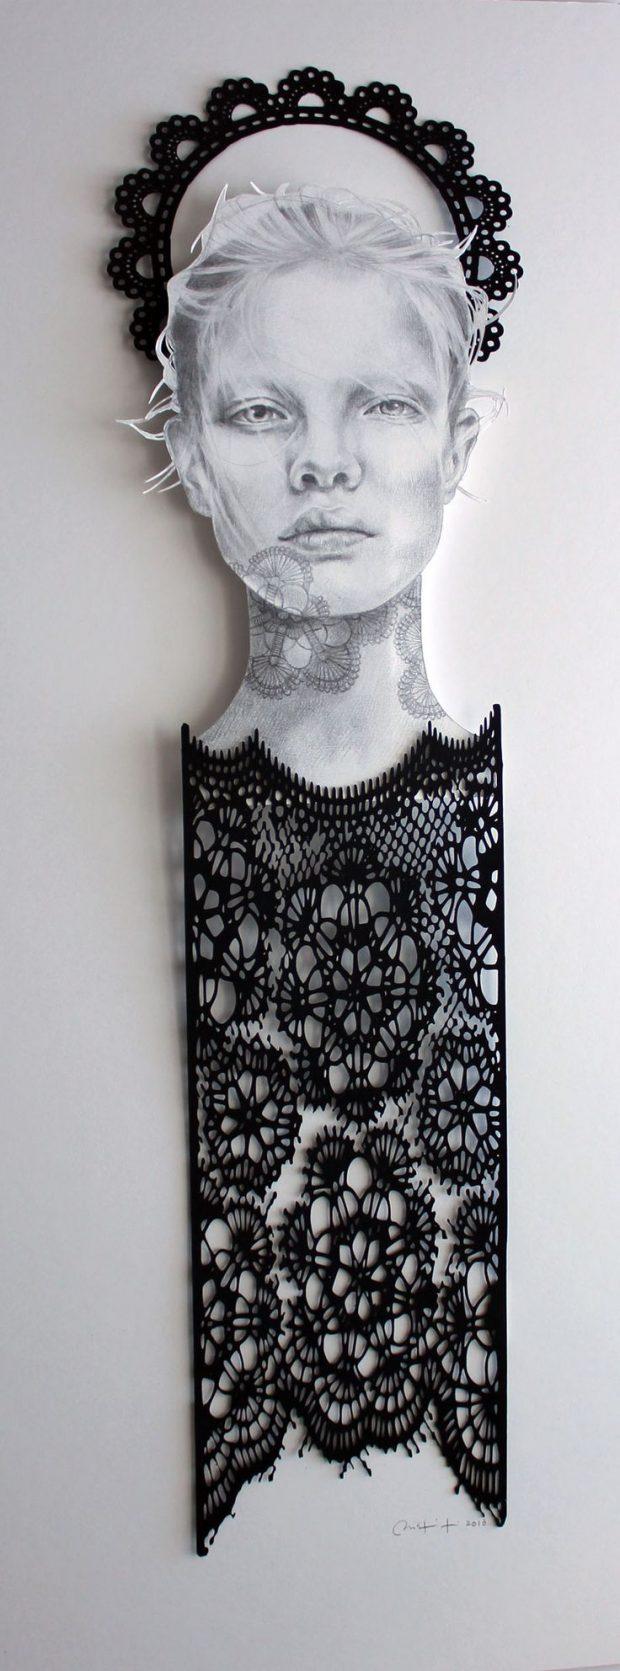 Christine Kim aus Toronto verbindet Illustration und Paper Art. www.christinekim.ca